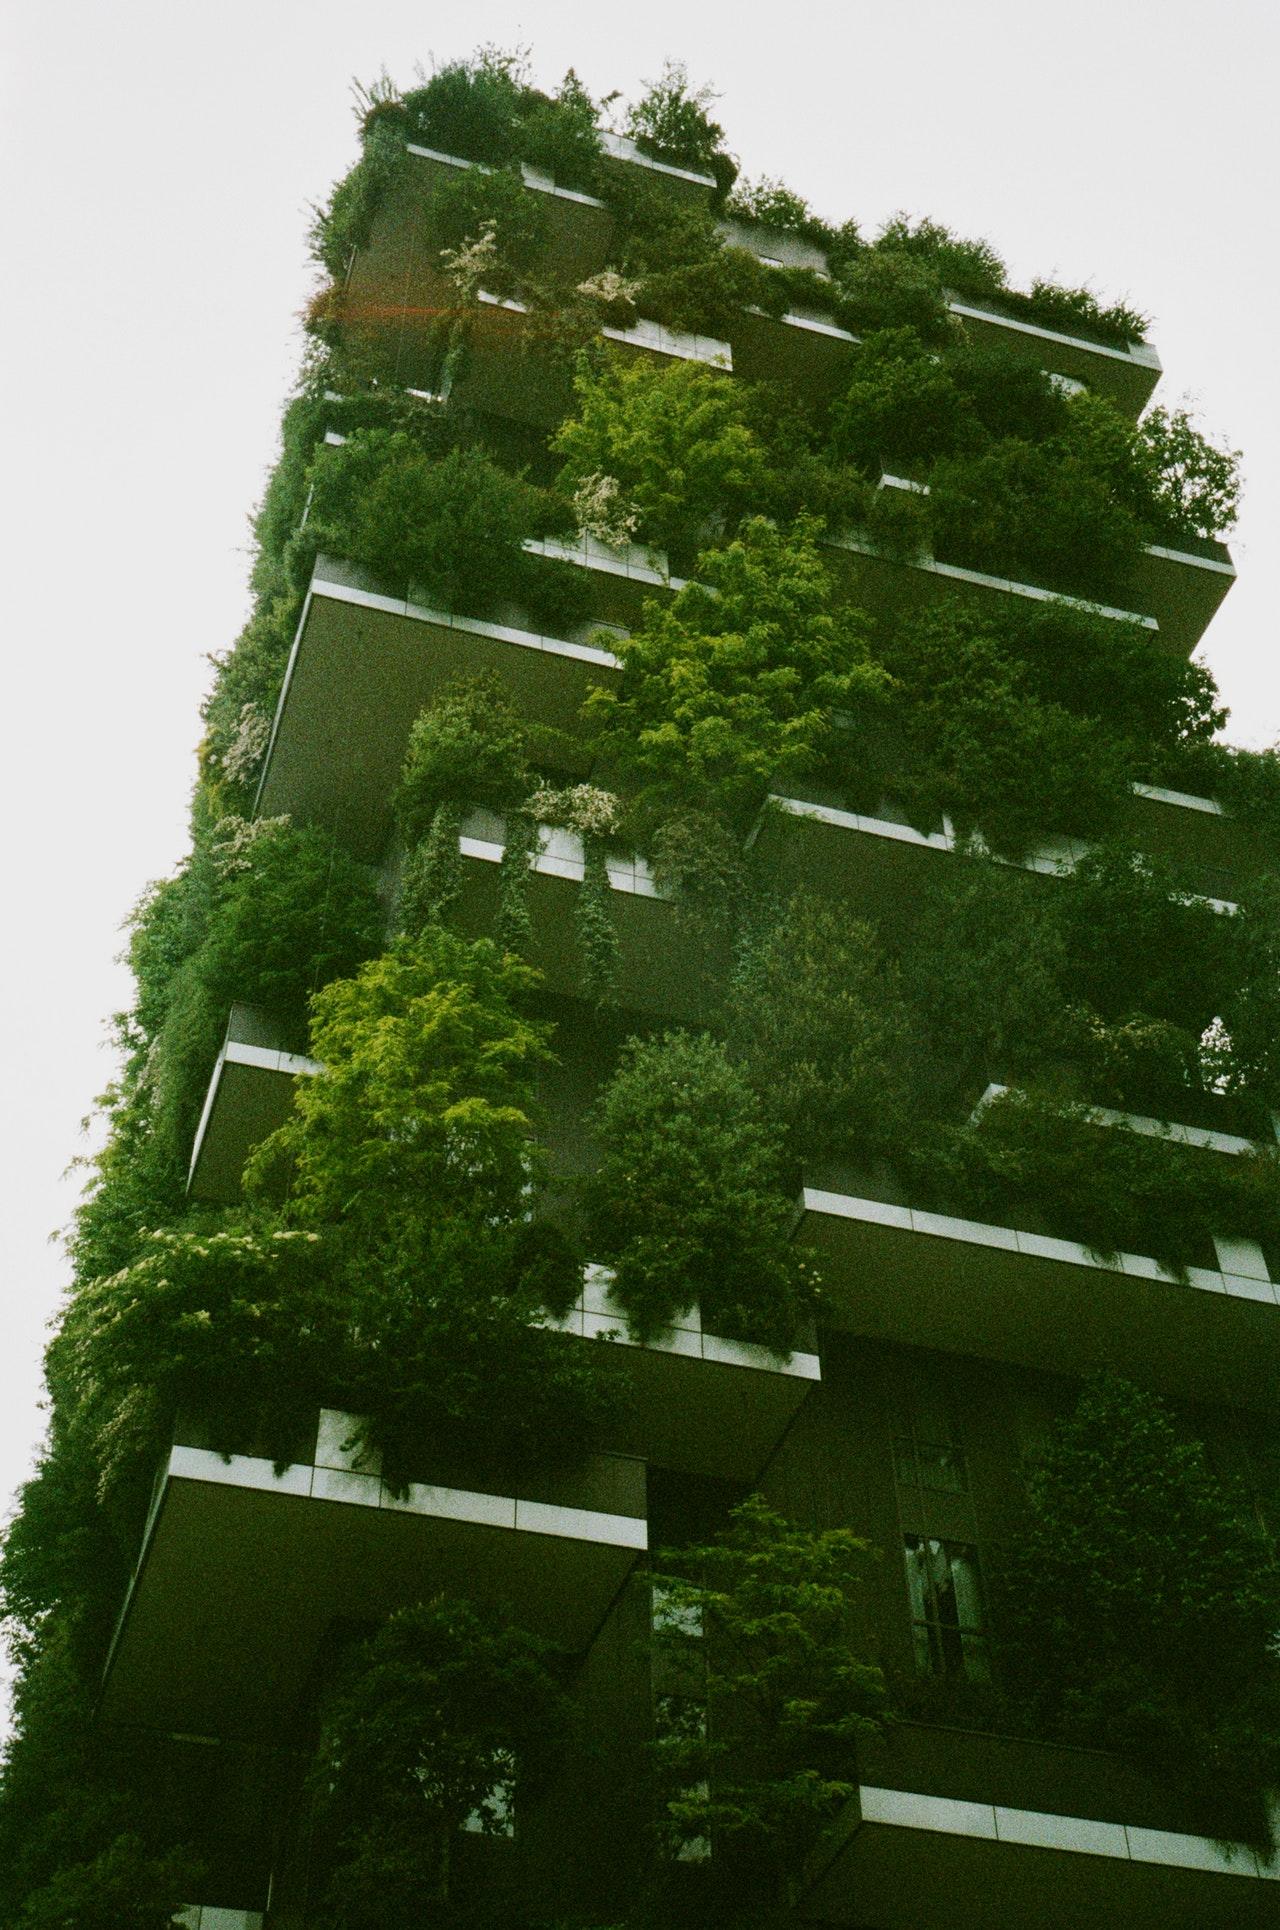 architectural-design-architecture-bosco-verticale-2815150